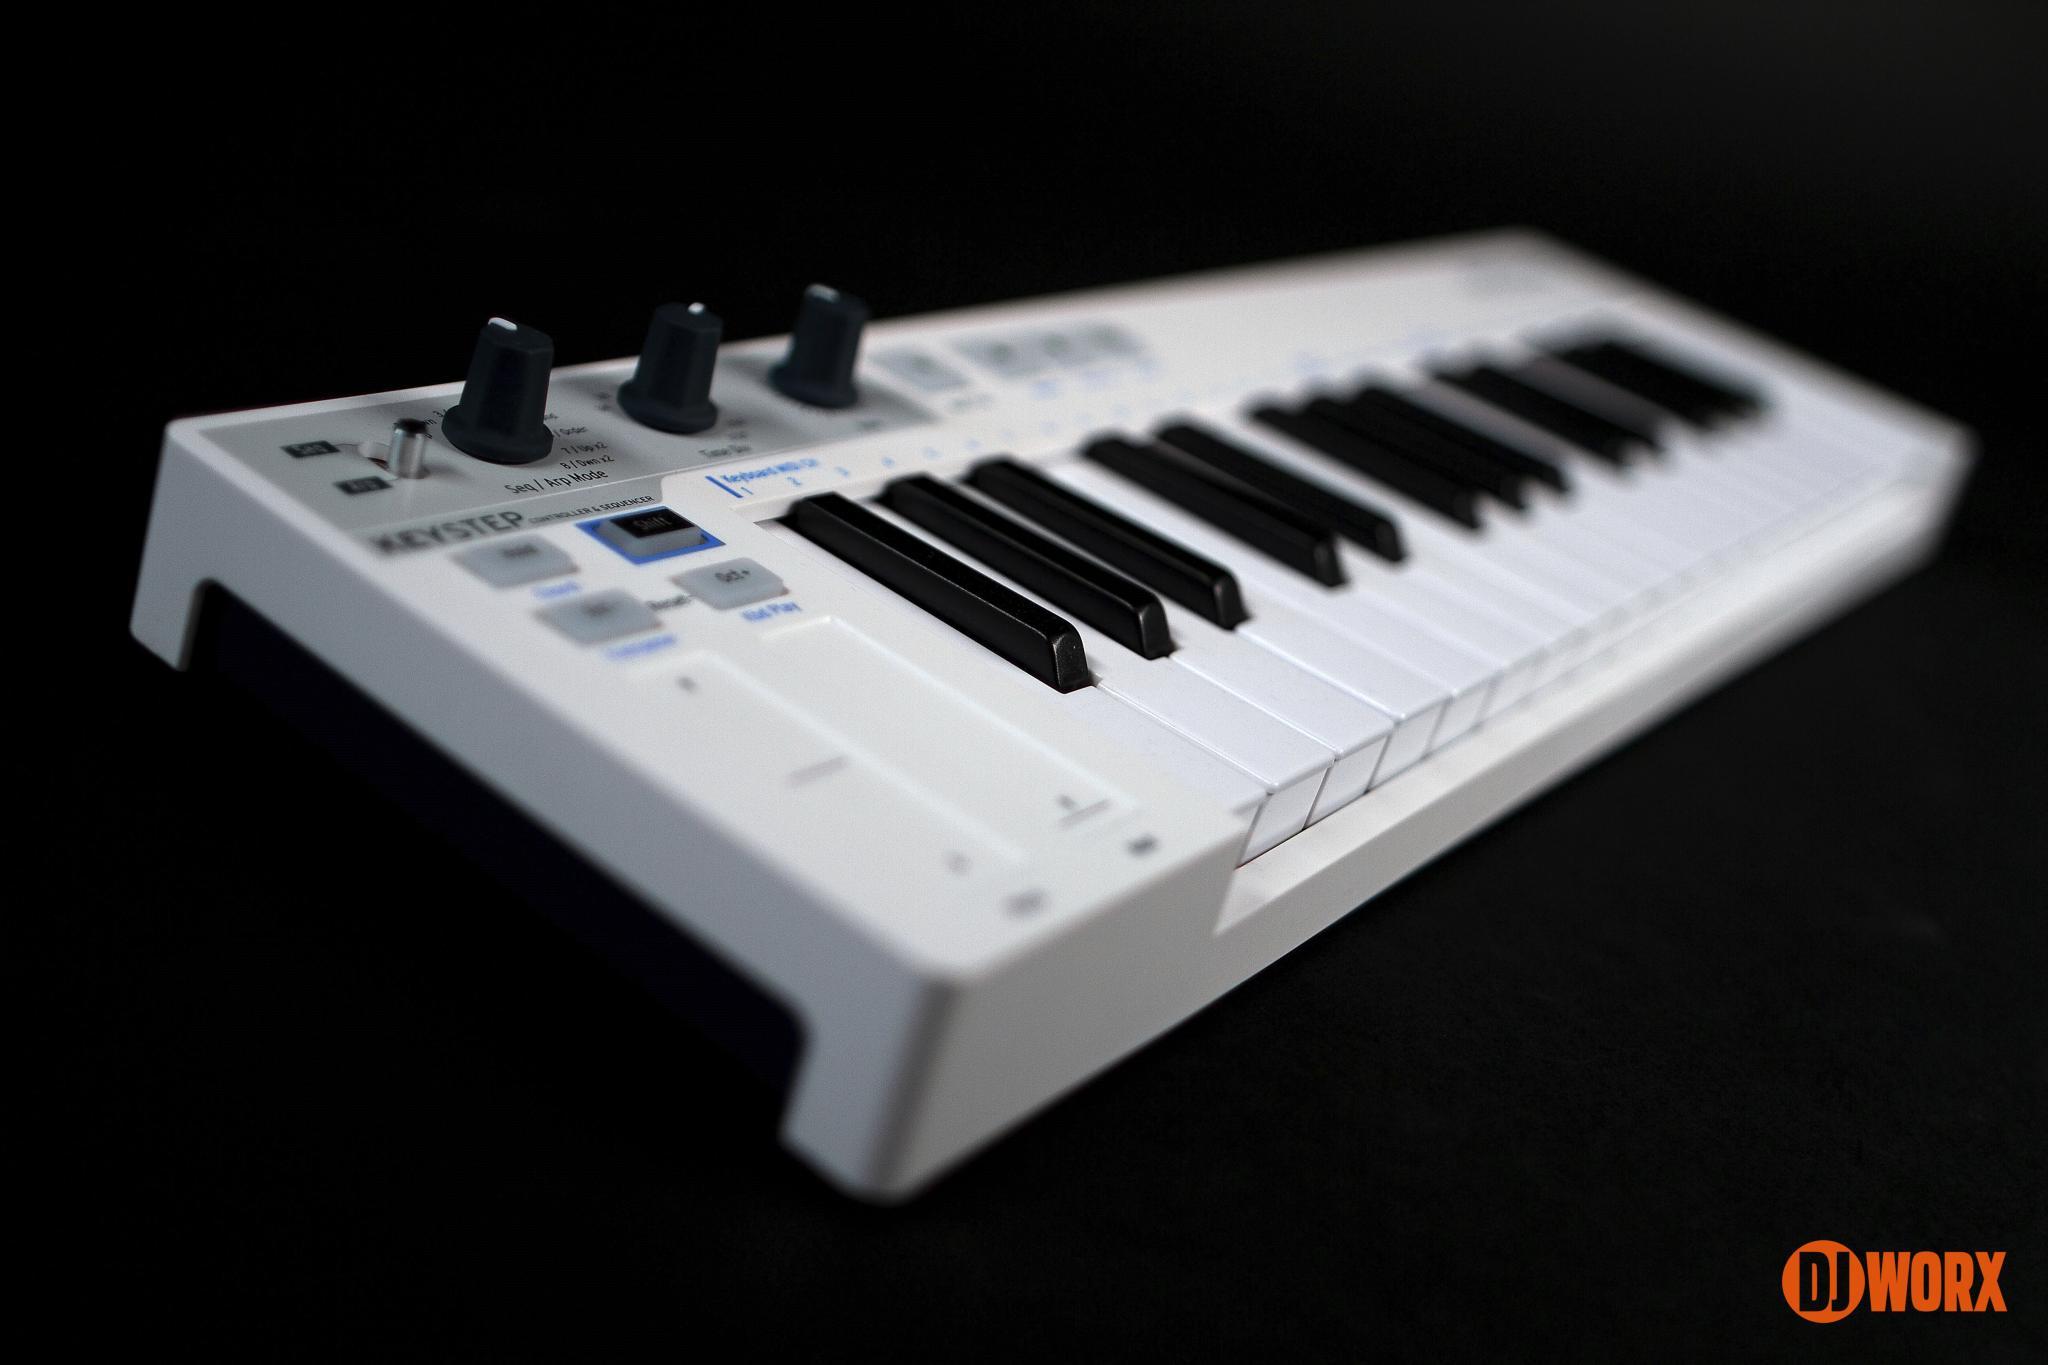 REVIEW: Arturia KeyStep MIDI keyboard | DJWORX